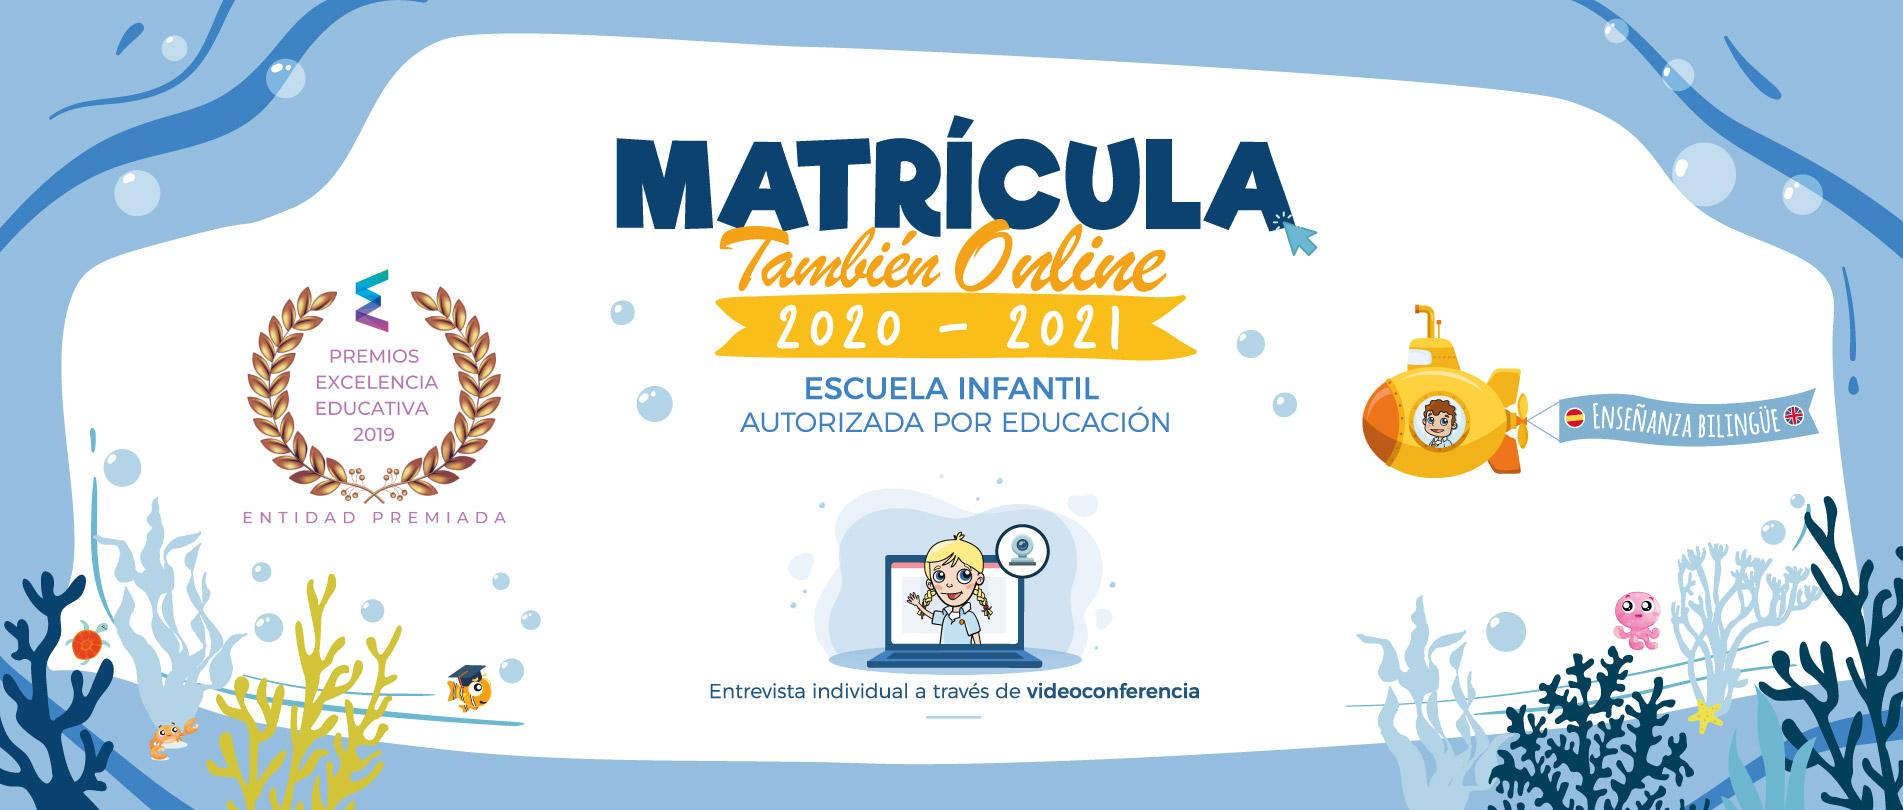 Matrícula online 2020-2021 Escuelas Infantiles Nemomarlin